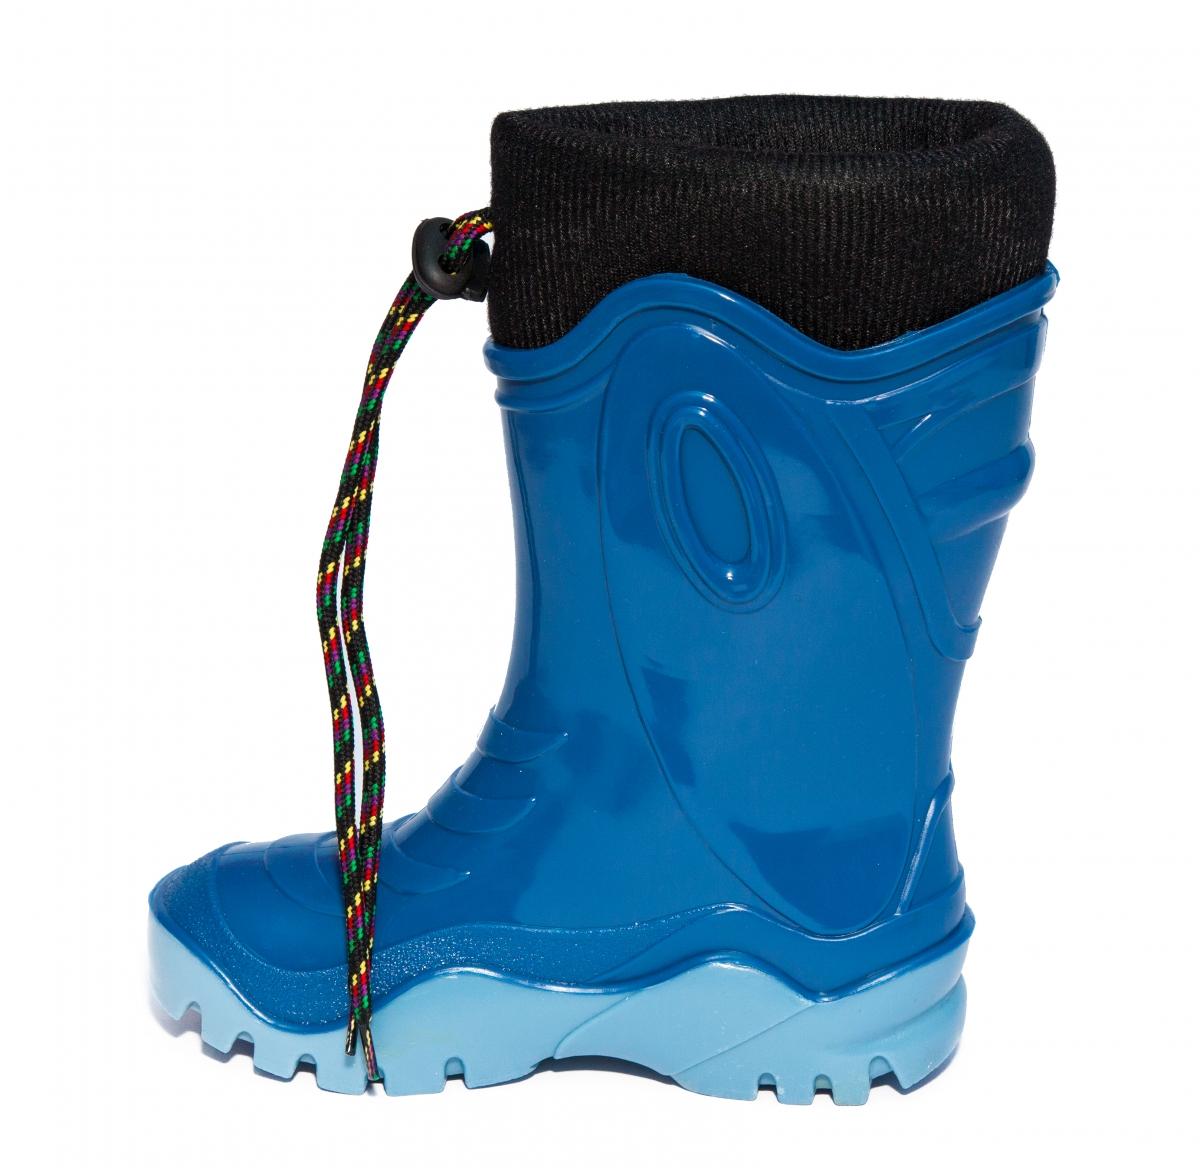 Cizme de zapada copii cu blana de iarna 4 albastru 24-39